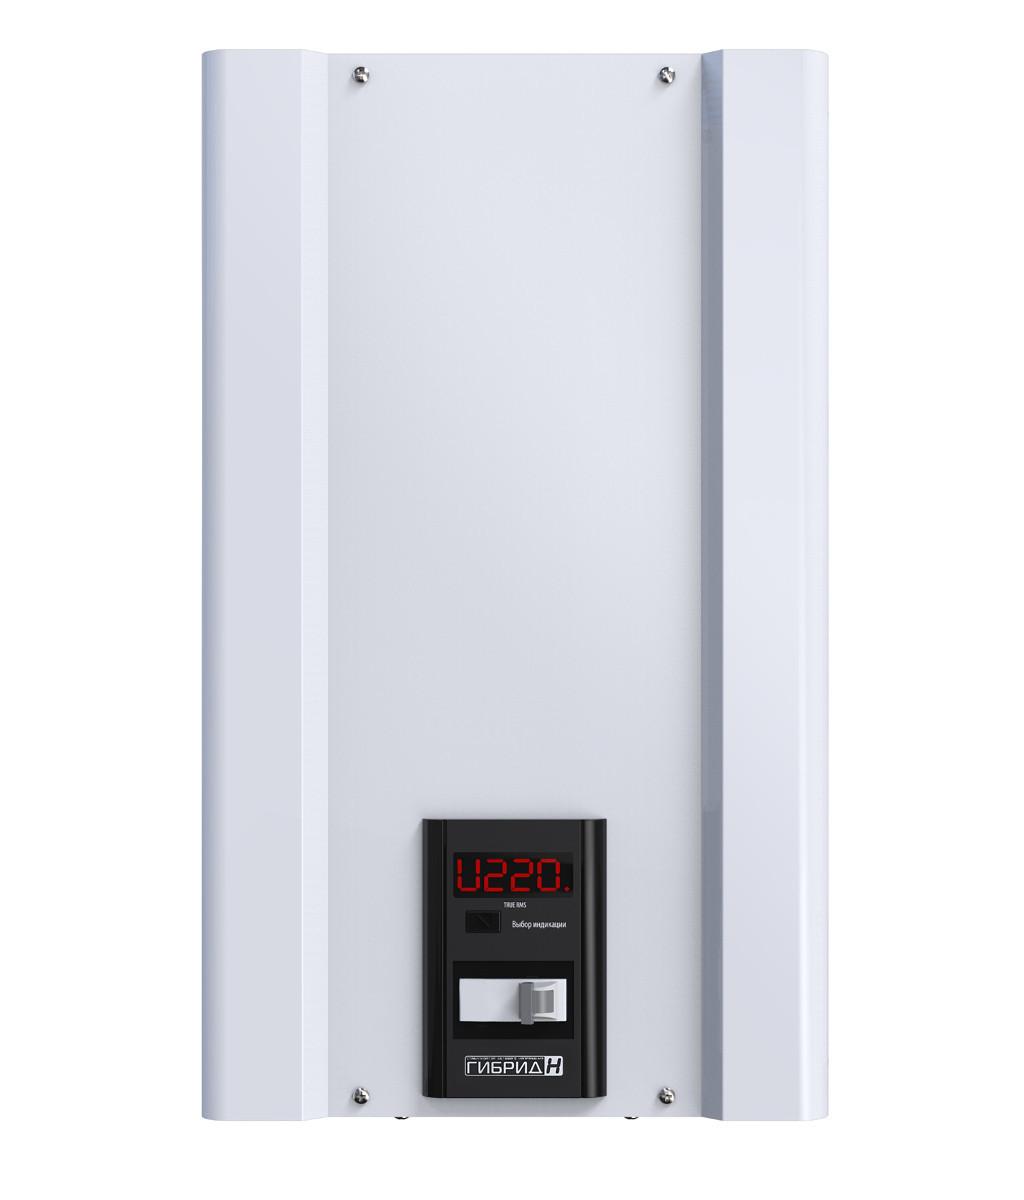 Стабилизатор напряжения Элекс Гибрид 9-1/25A 5.5кВт V2.0